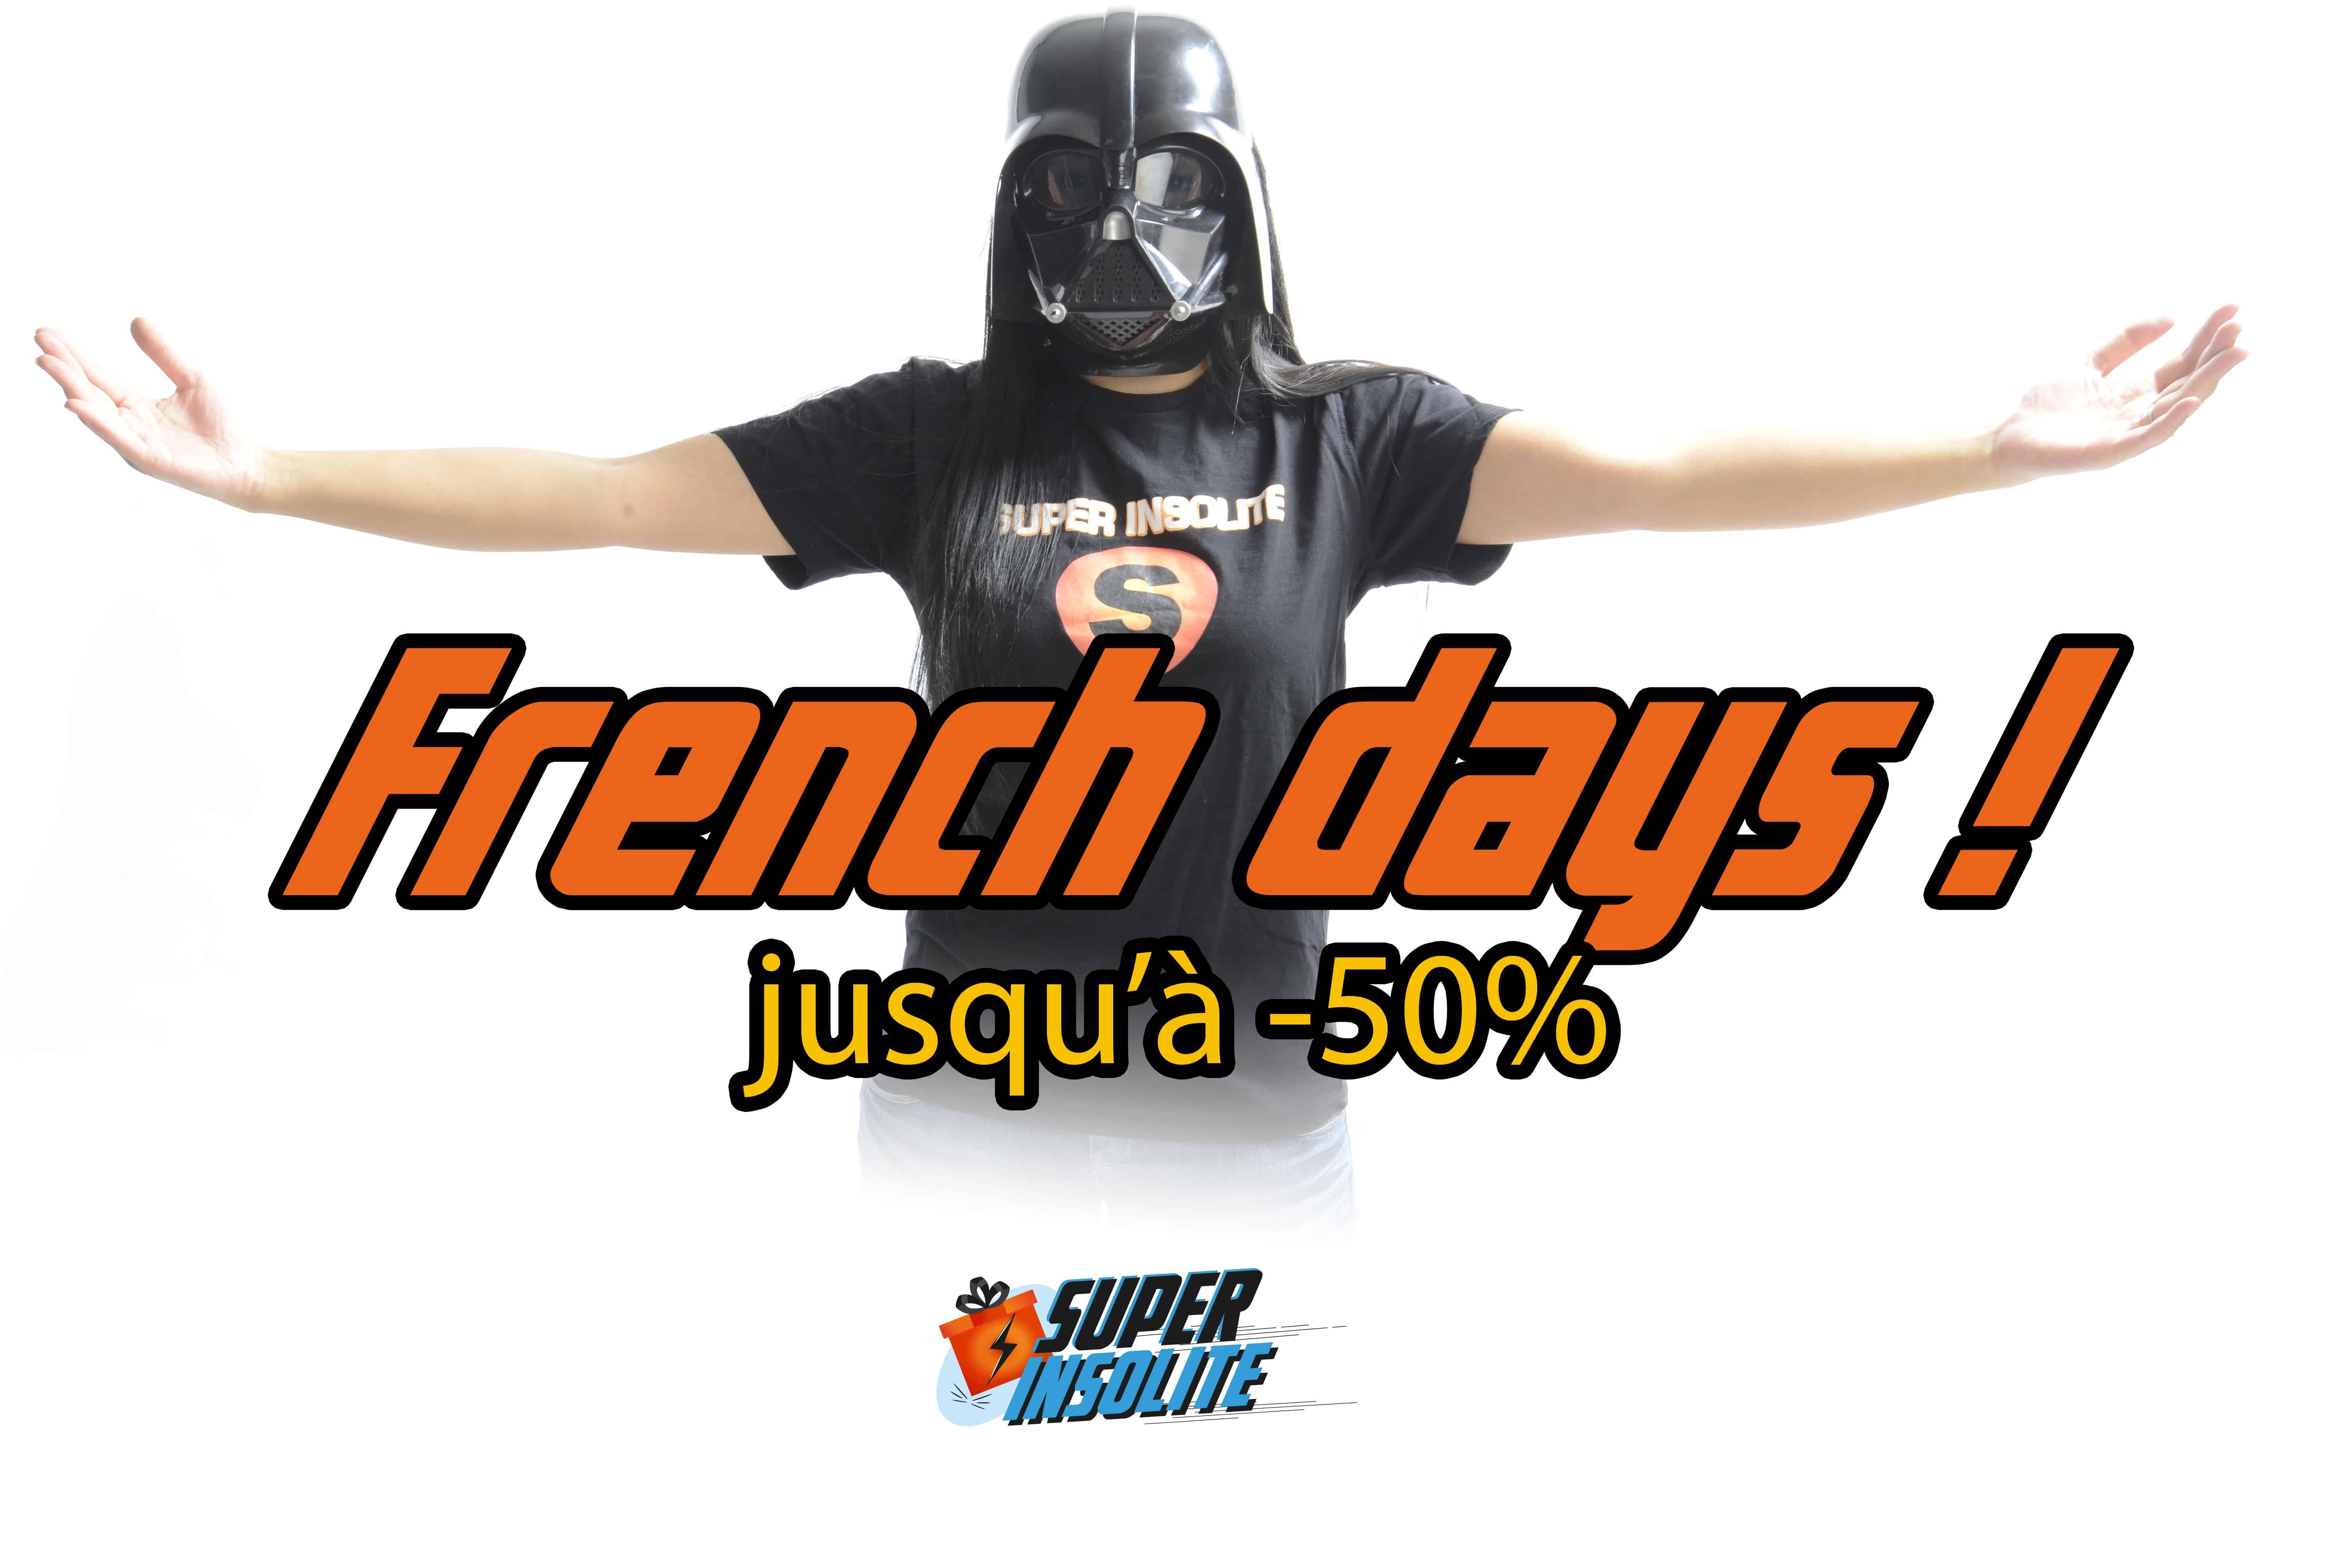 Les French Days de Super Insolite